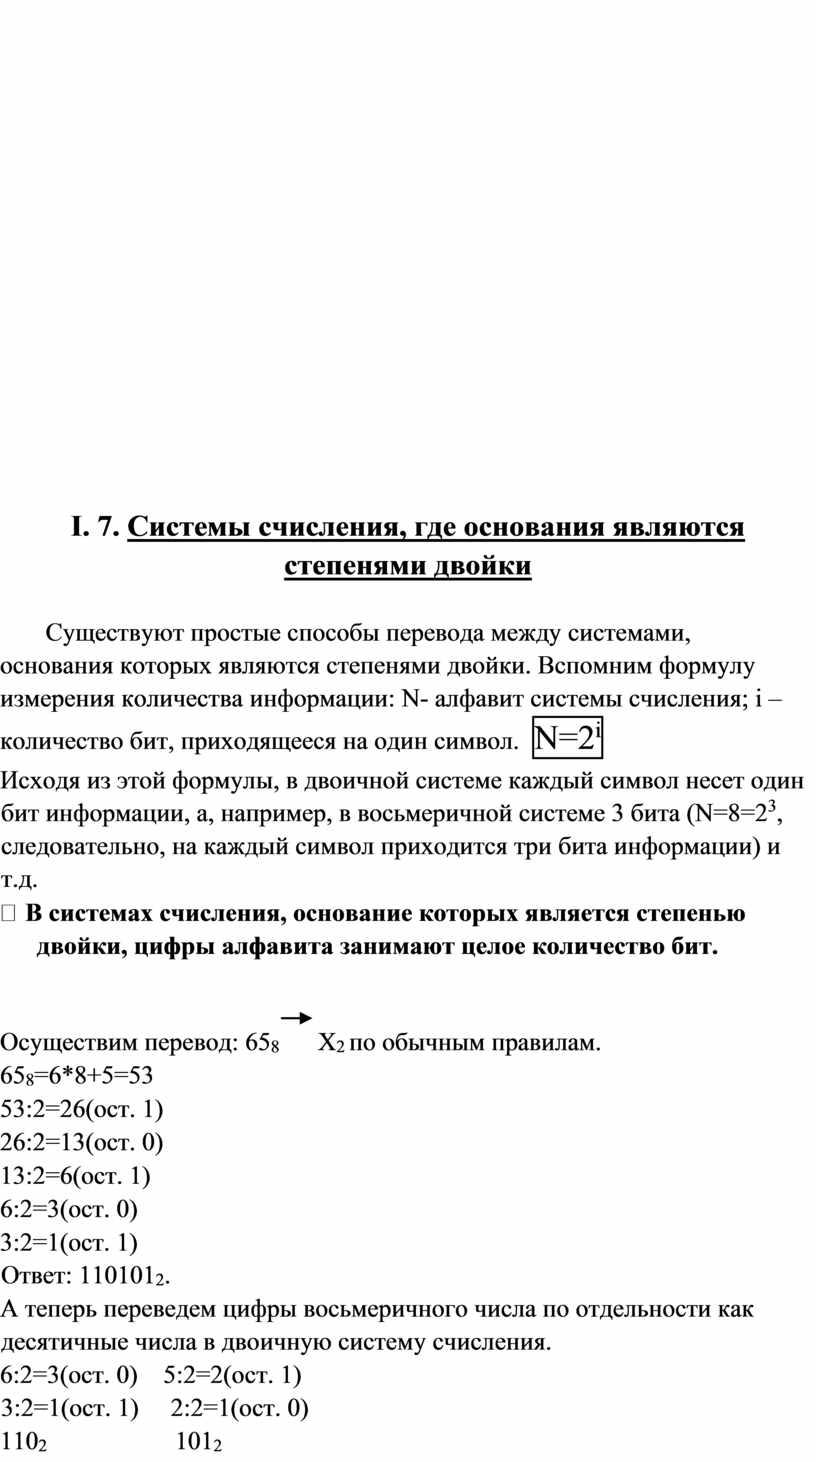 I. 7. Системы счисления, где основания являются степенями двойки